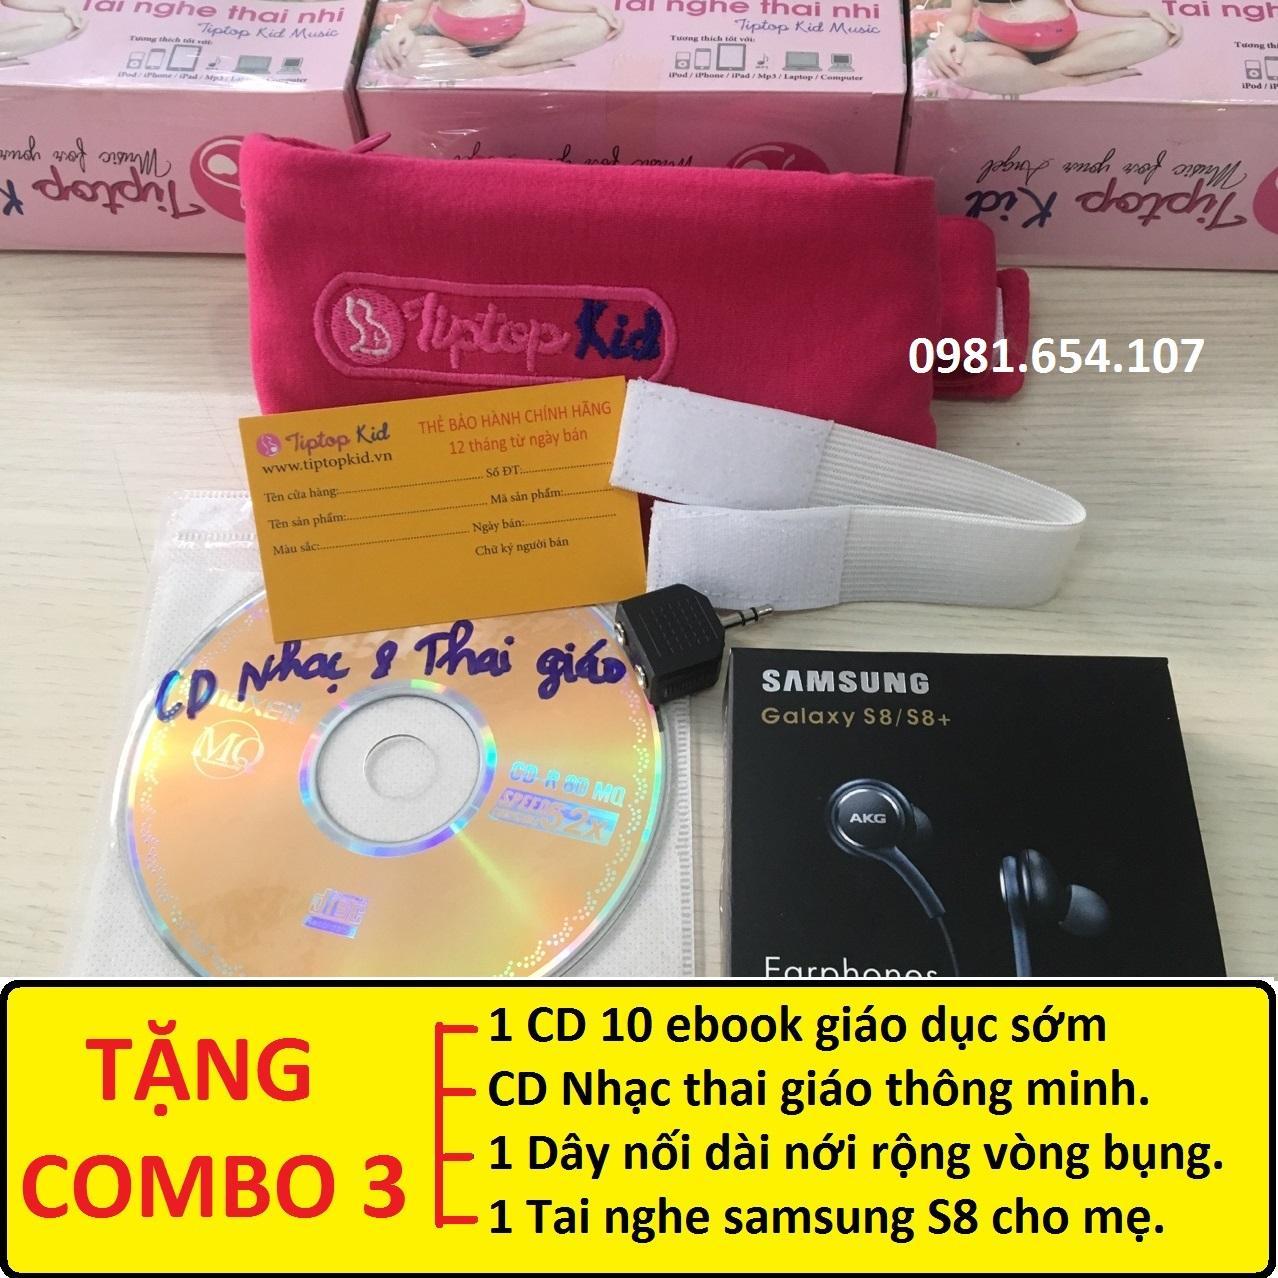 Coupon Giảm Giá TẶNG FULL (1 CD 10 Ebook Giáo Dục Sớm + Tai Nghe Ss S8 + Dây Nối Dài+ Đĩa CD Nhạc) -Tai Nghe Bà Bầu Tiptop Kid -  Tai Nghe Thai Nhi.